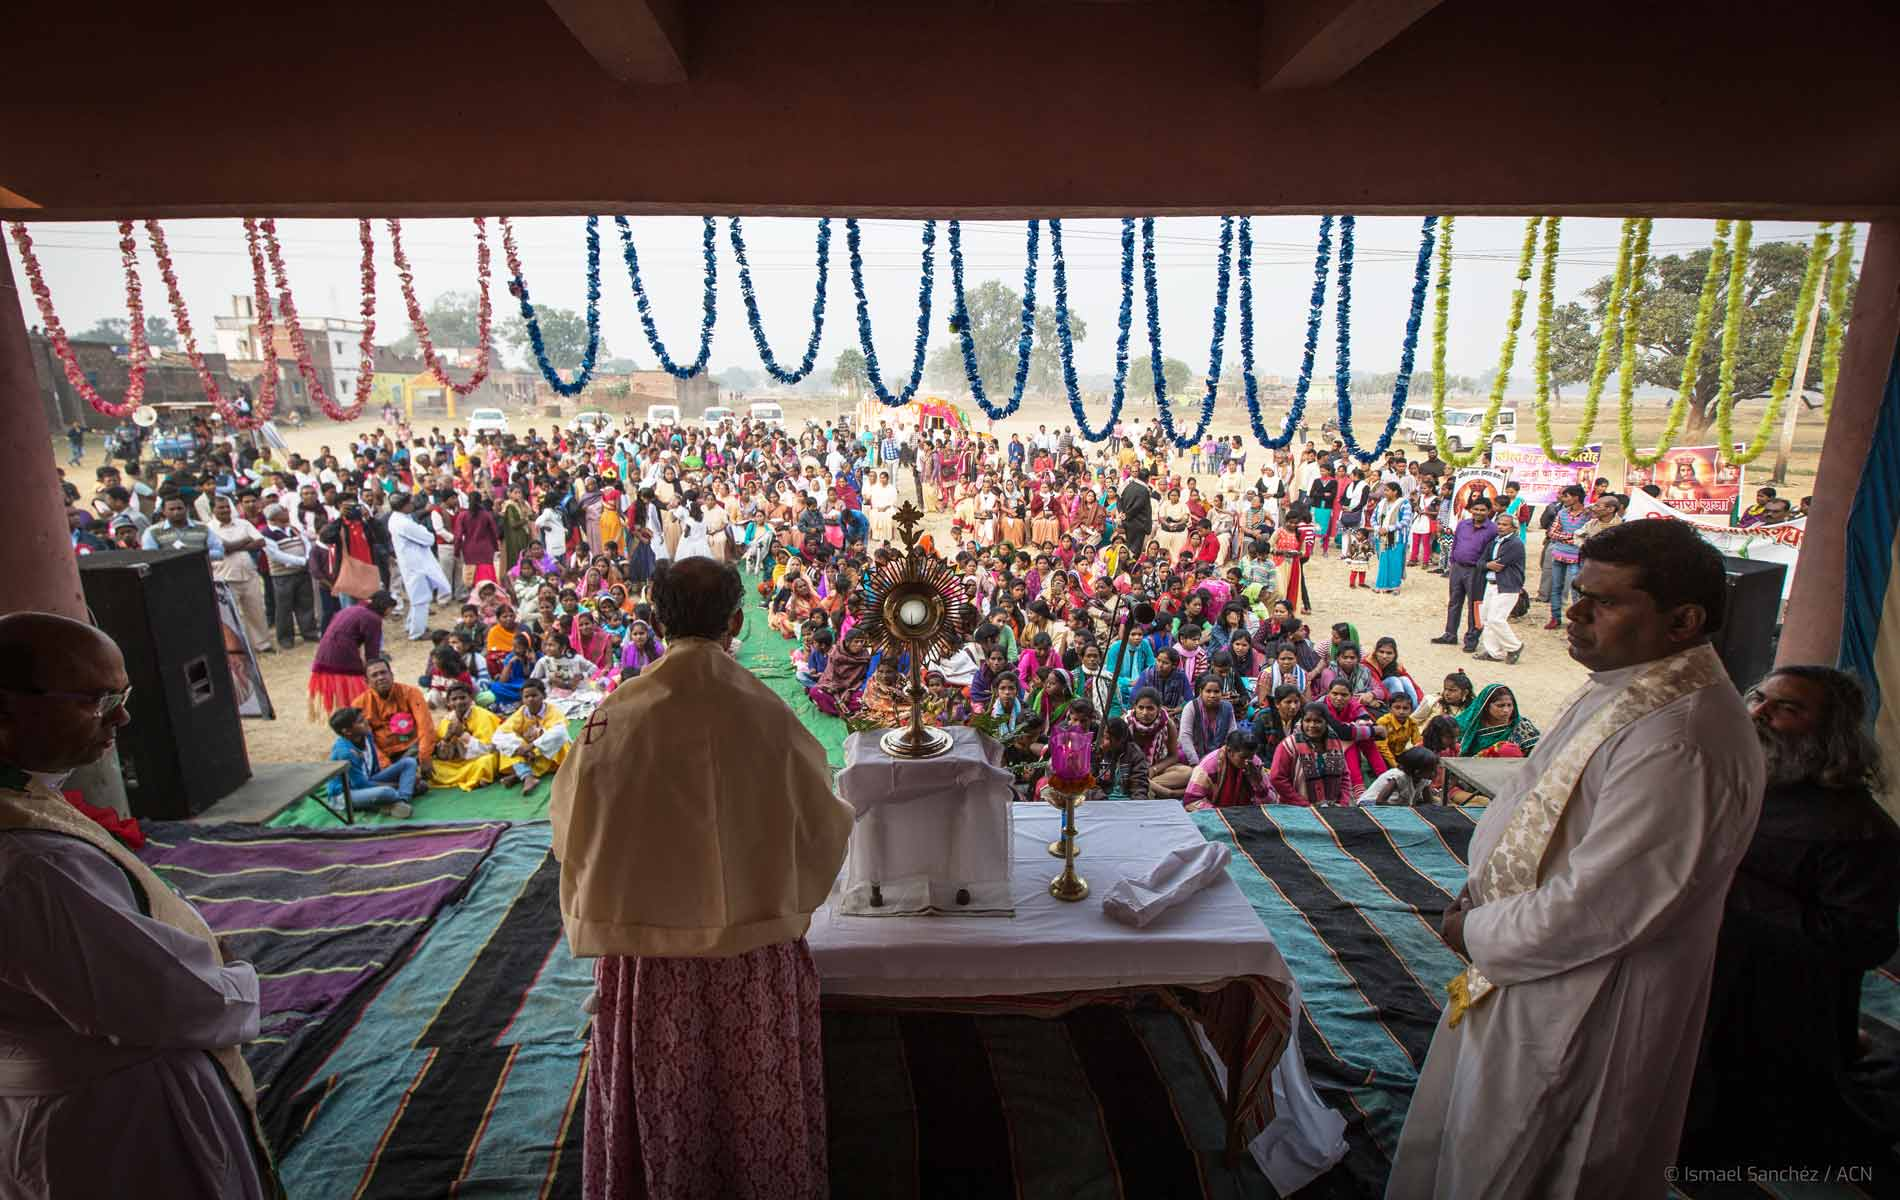 Adoração ao Santíssimo Sacramento no estado de Bihar, Índia